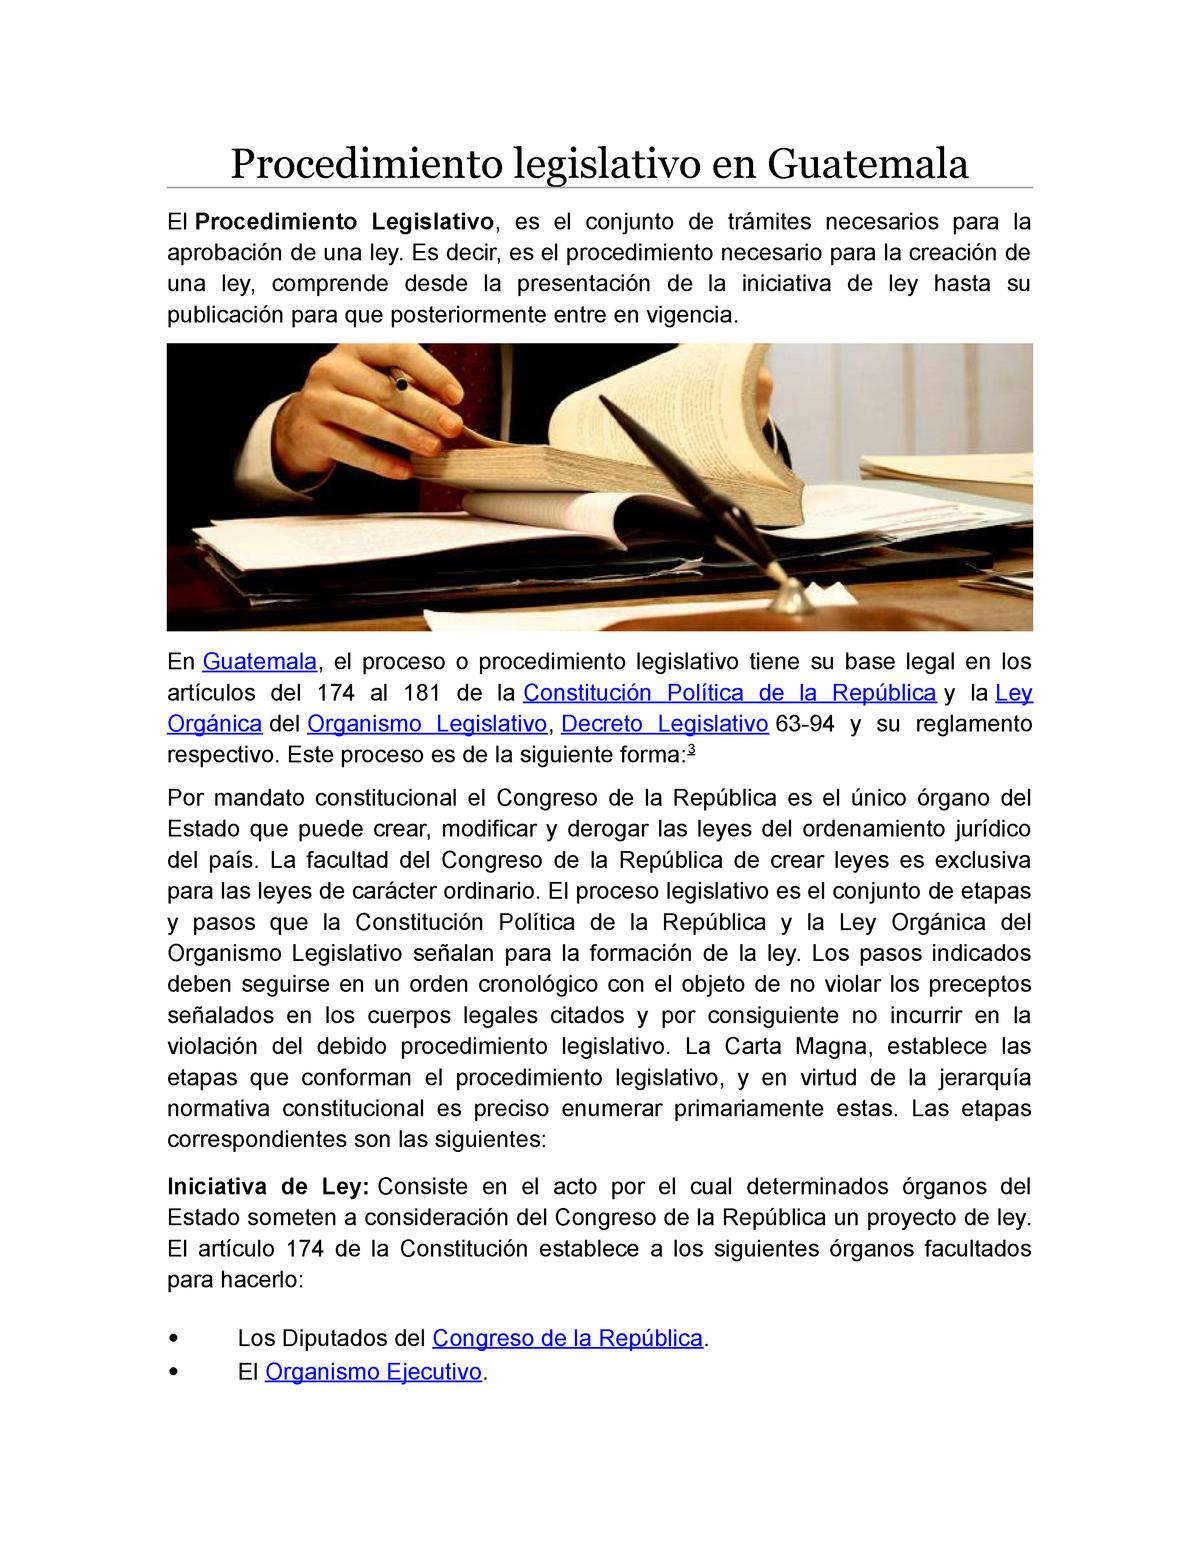 de+que+habla+el+articulo+174